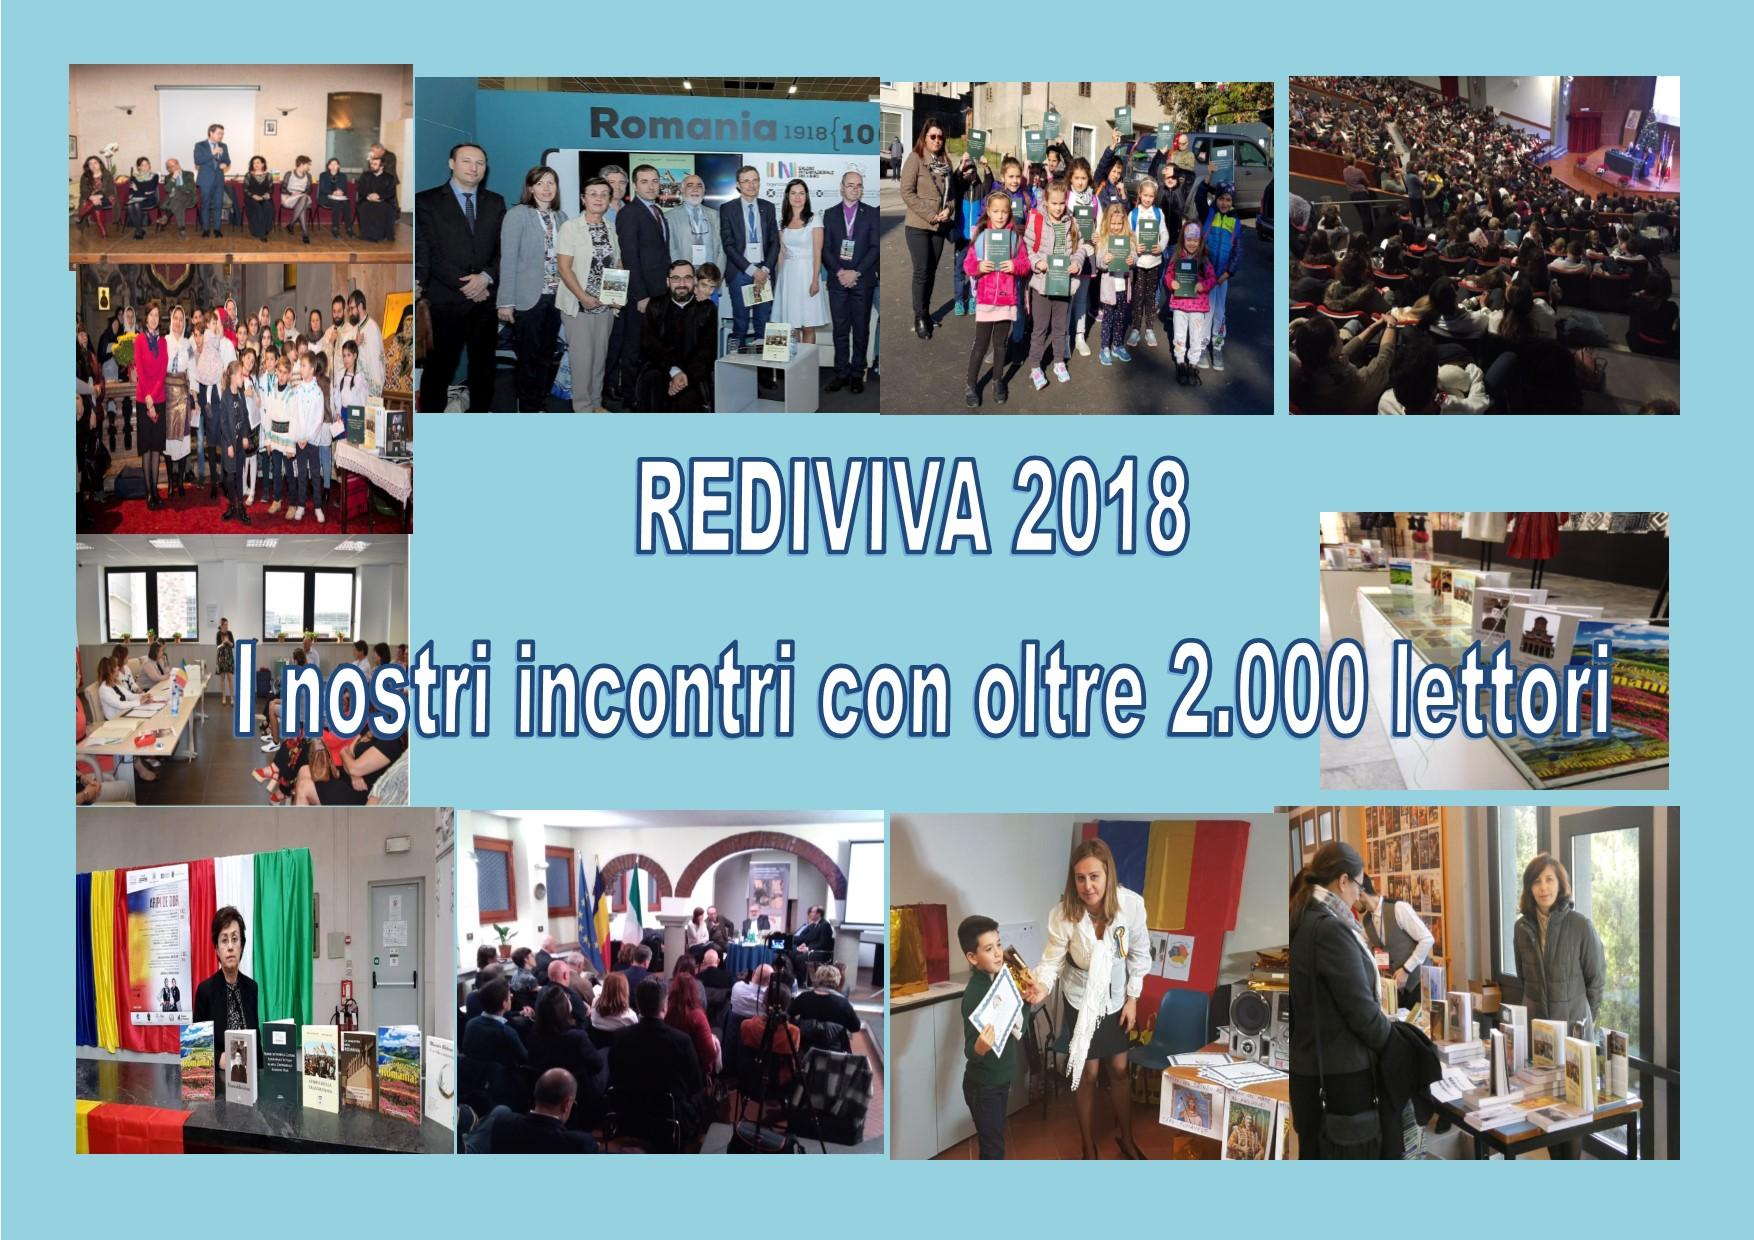 RETROSPETTIVA EDIZIONI REDIVIVA 2018. Incontri: Italia, Svizzera e Romania